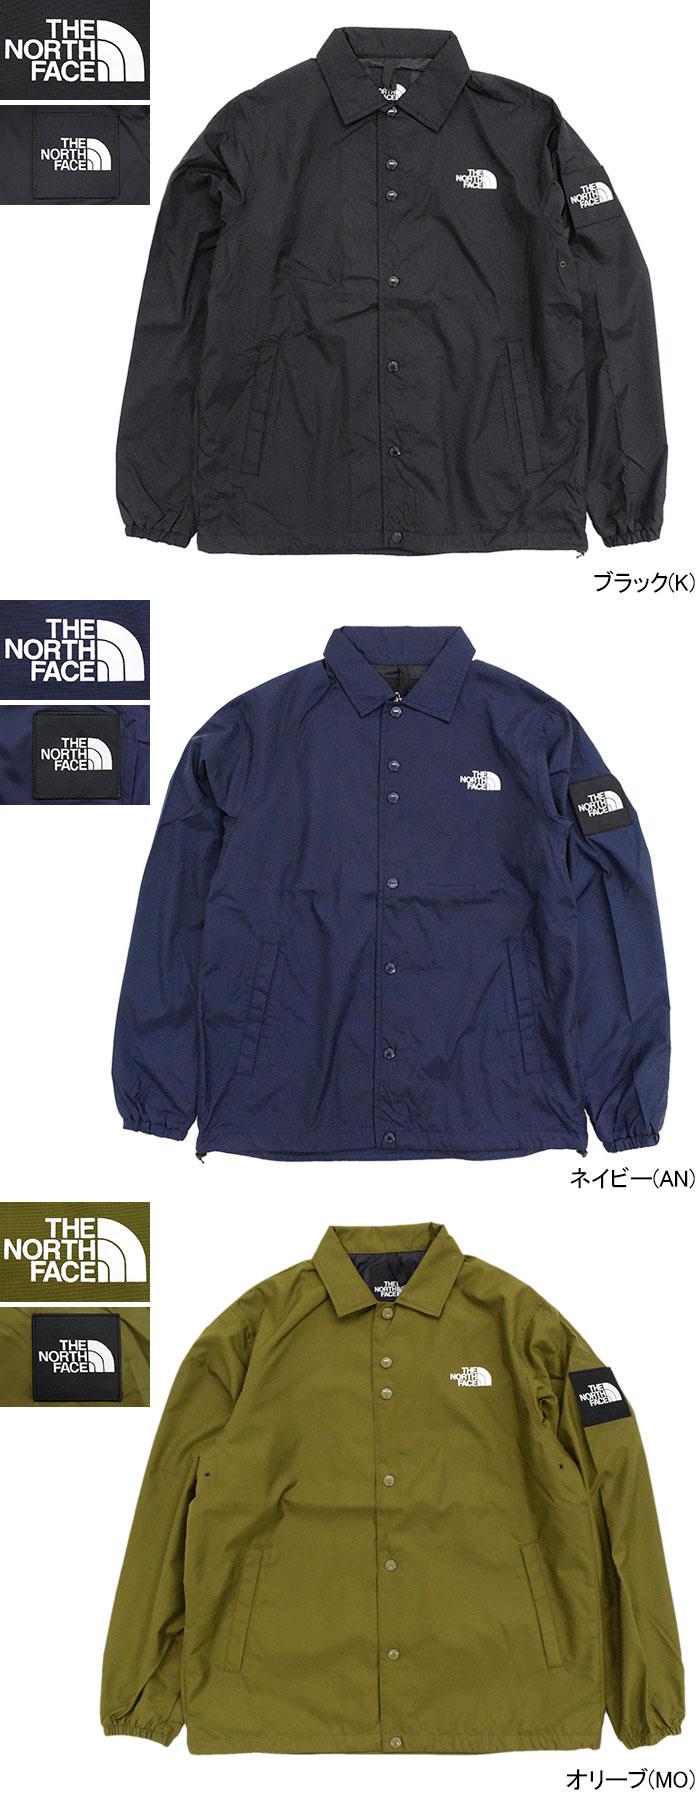 THE NORTH FACEザ ノースフェイスのジャケット The Coach12